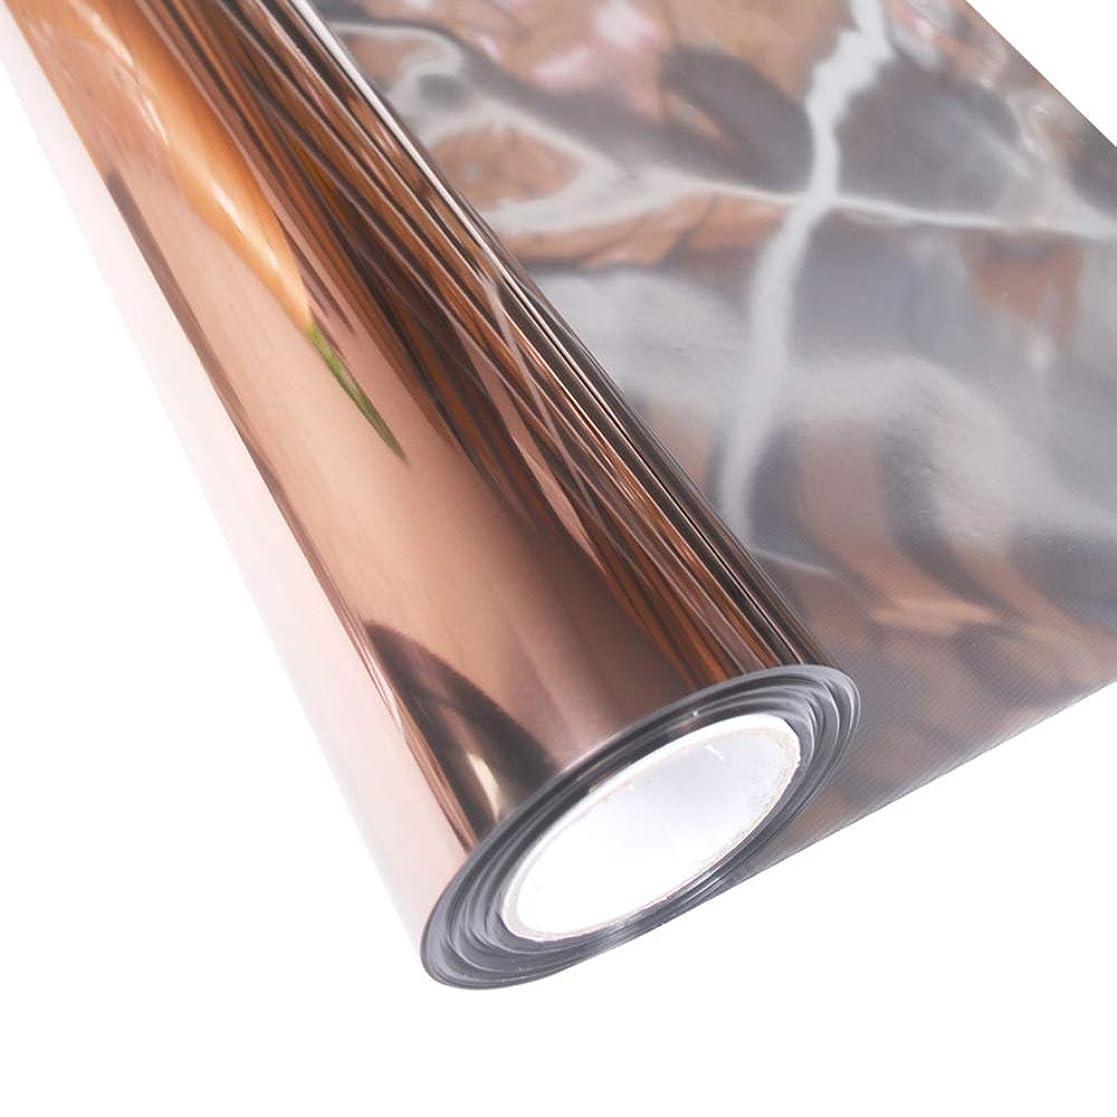 種をまく偏差電池OUPAI 窓フィルム ブラウン反射ウィンドウフィルムソーラーコントロールガラスステッカープライバシー一方向ミラーフィルム用ホームおよびオフィス用熱制御フィルム78.7×23.6インチ ガラスフィルム